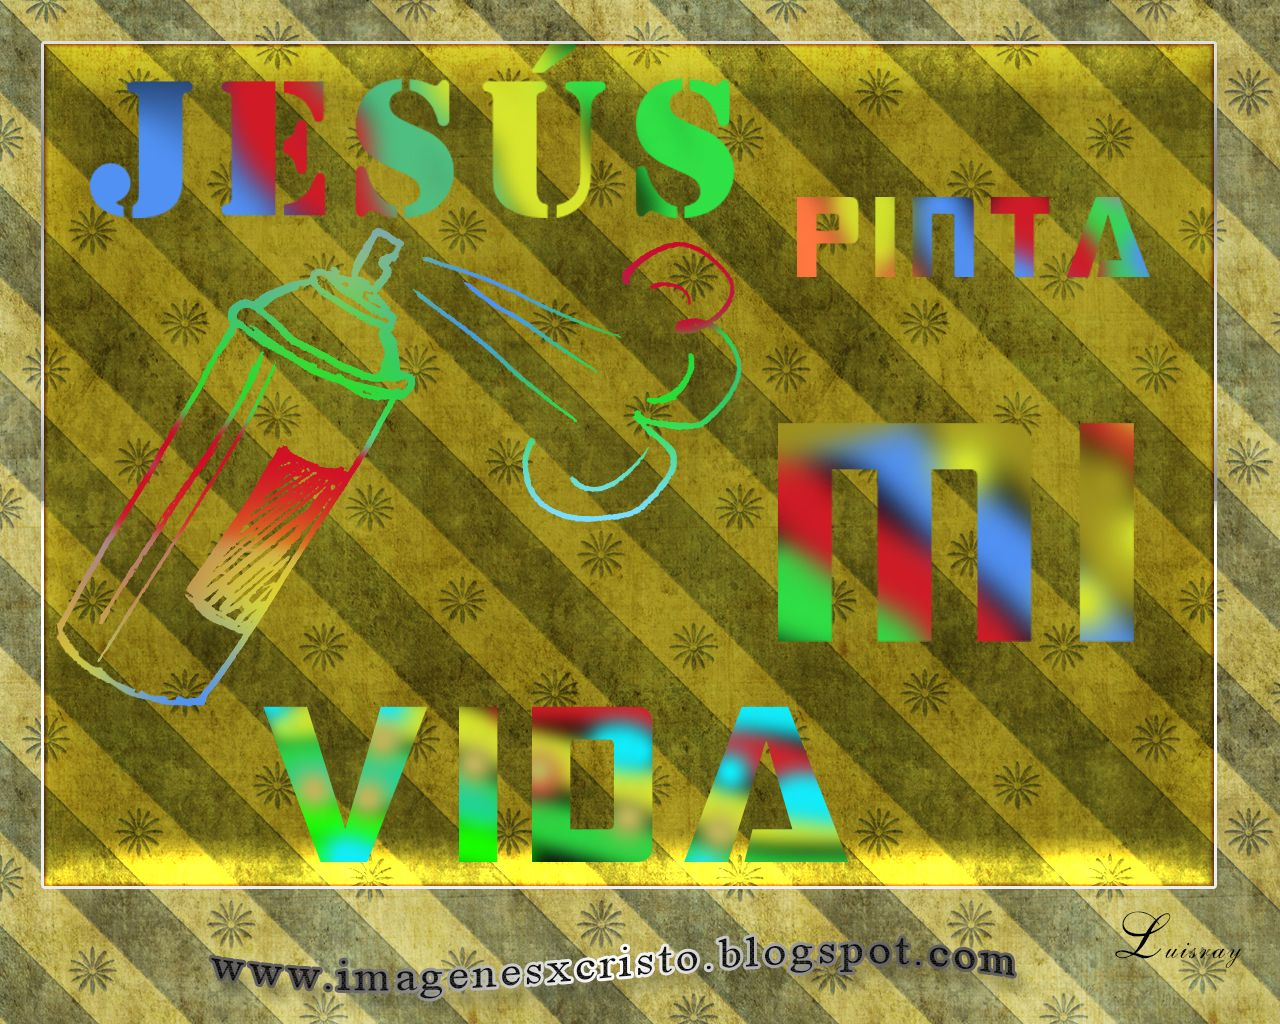 Jesus da color a tu vida -2 | Logos